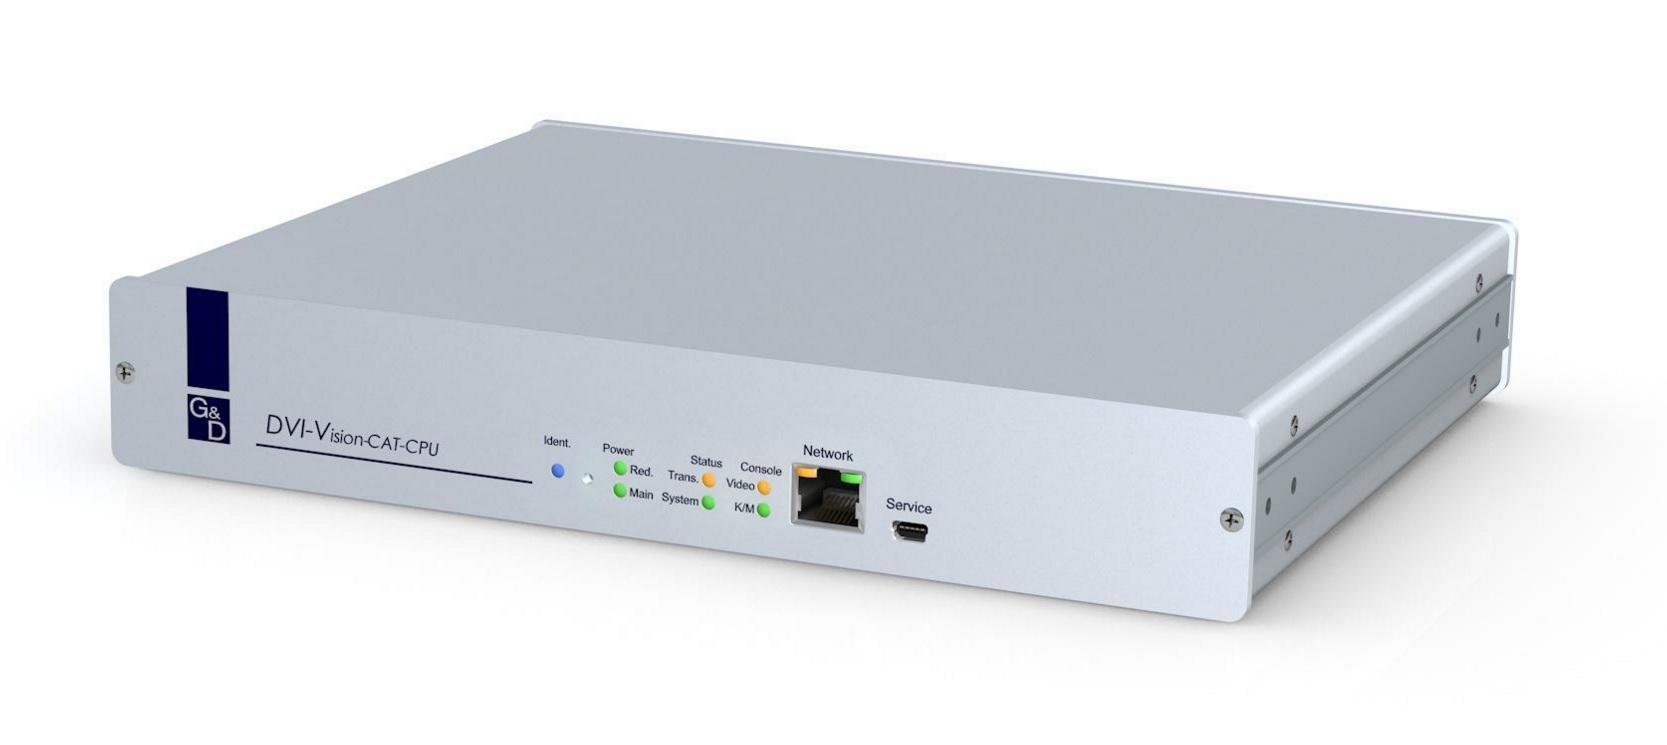 GDSys DVI Catx Extender CPU Module - DVI-Vision-CAT-ARU-CPU